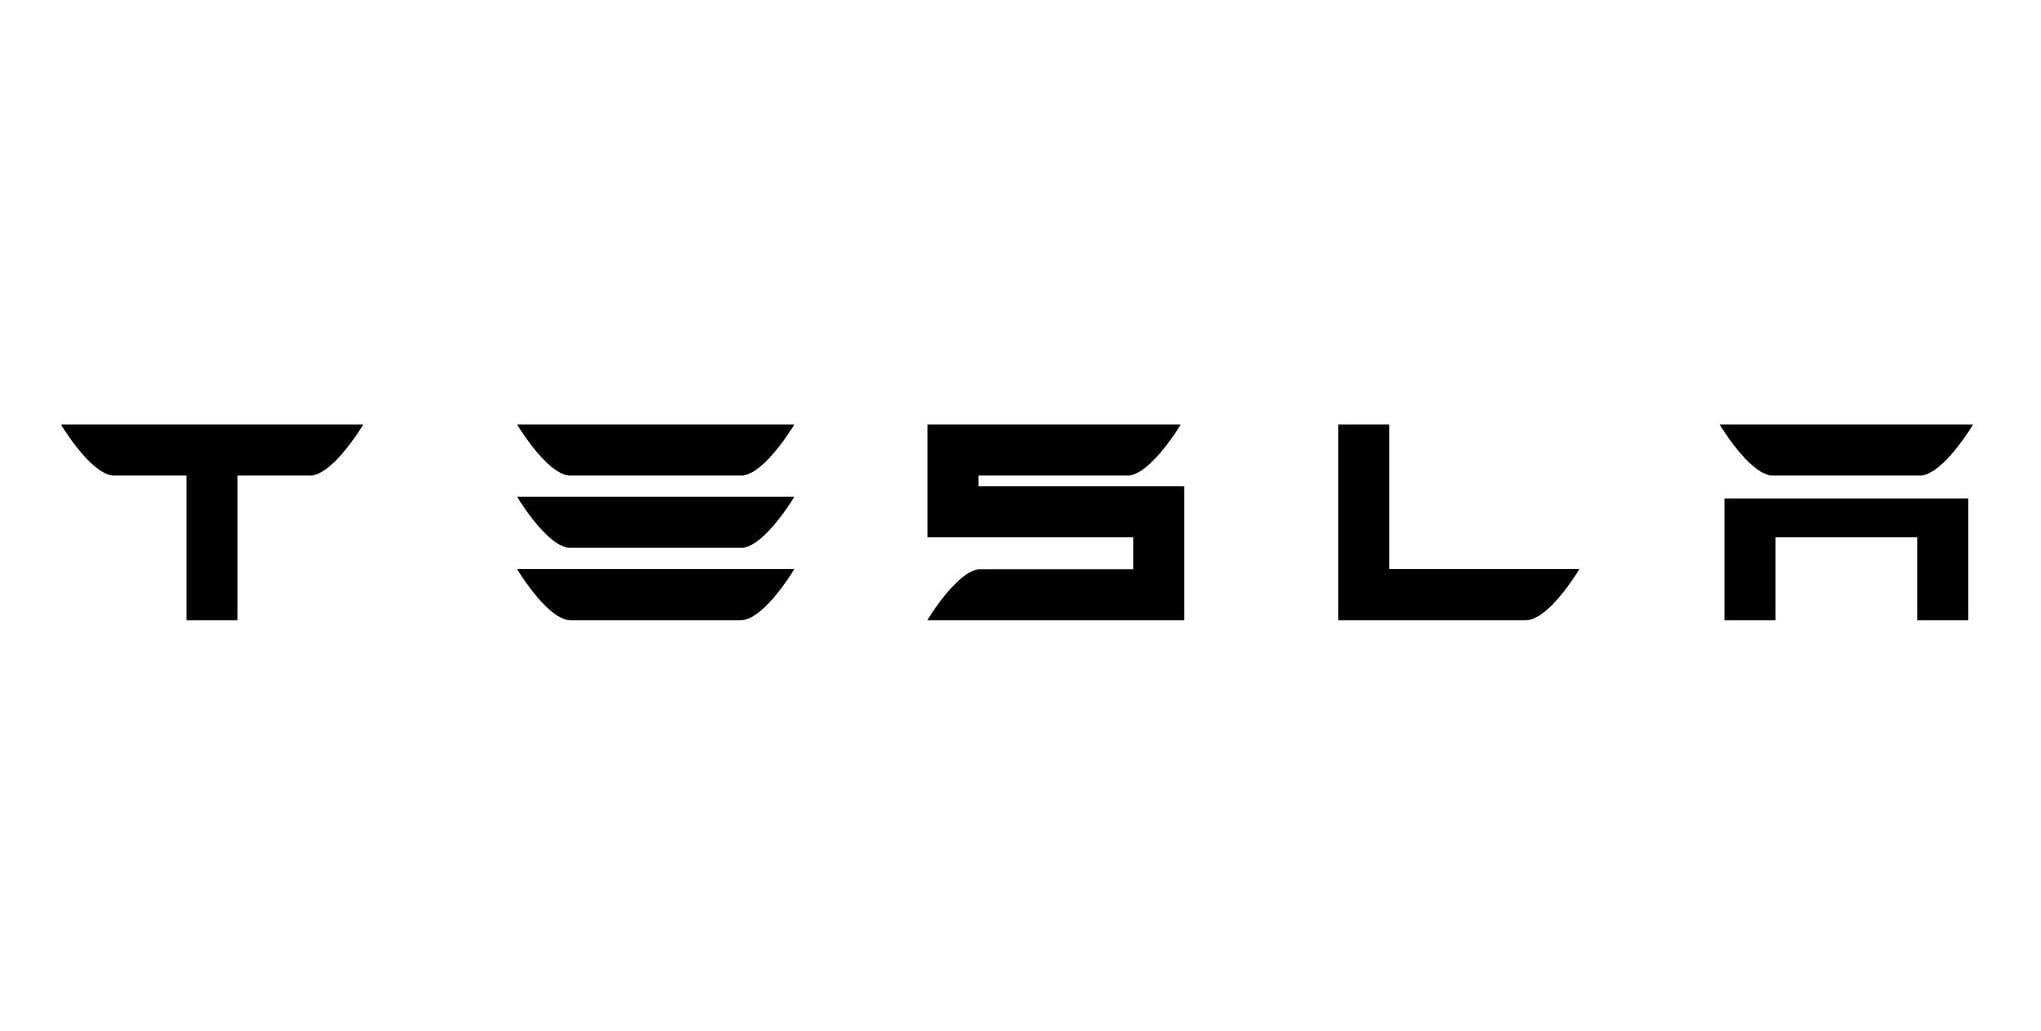 Tesla Vai Lancar Camiao Pick Up E Descapotavel